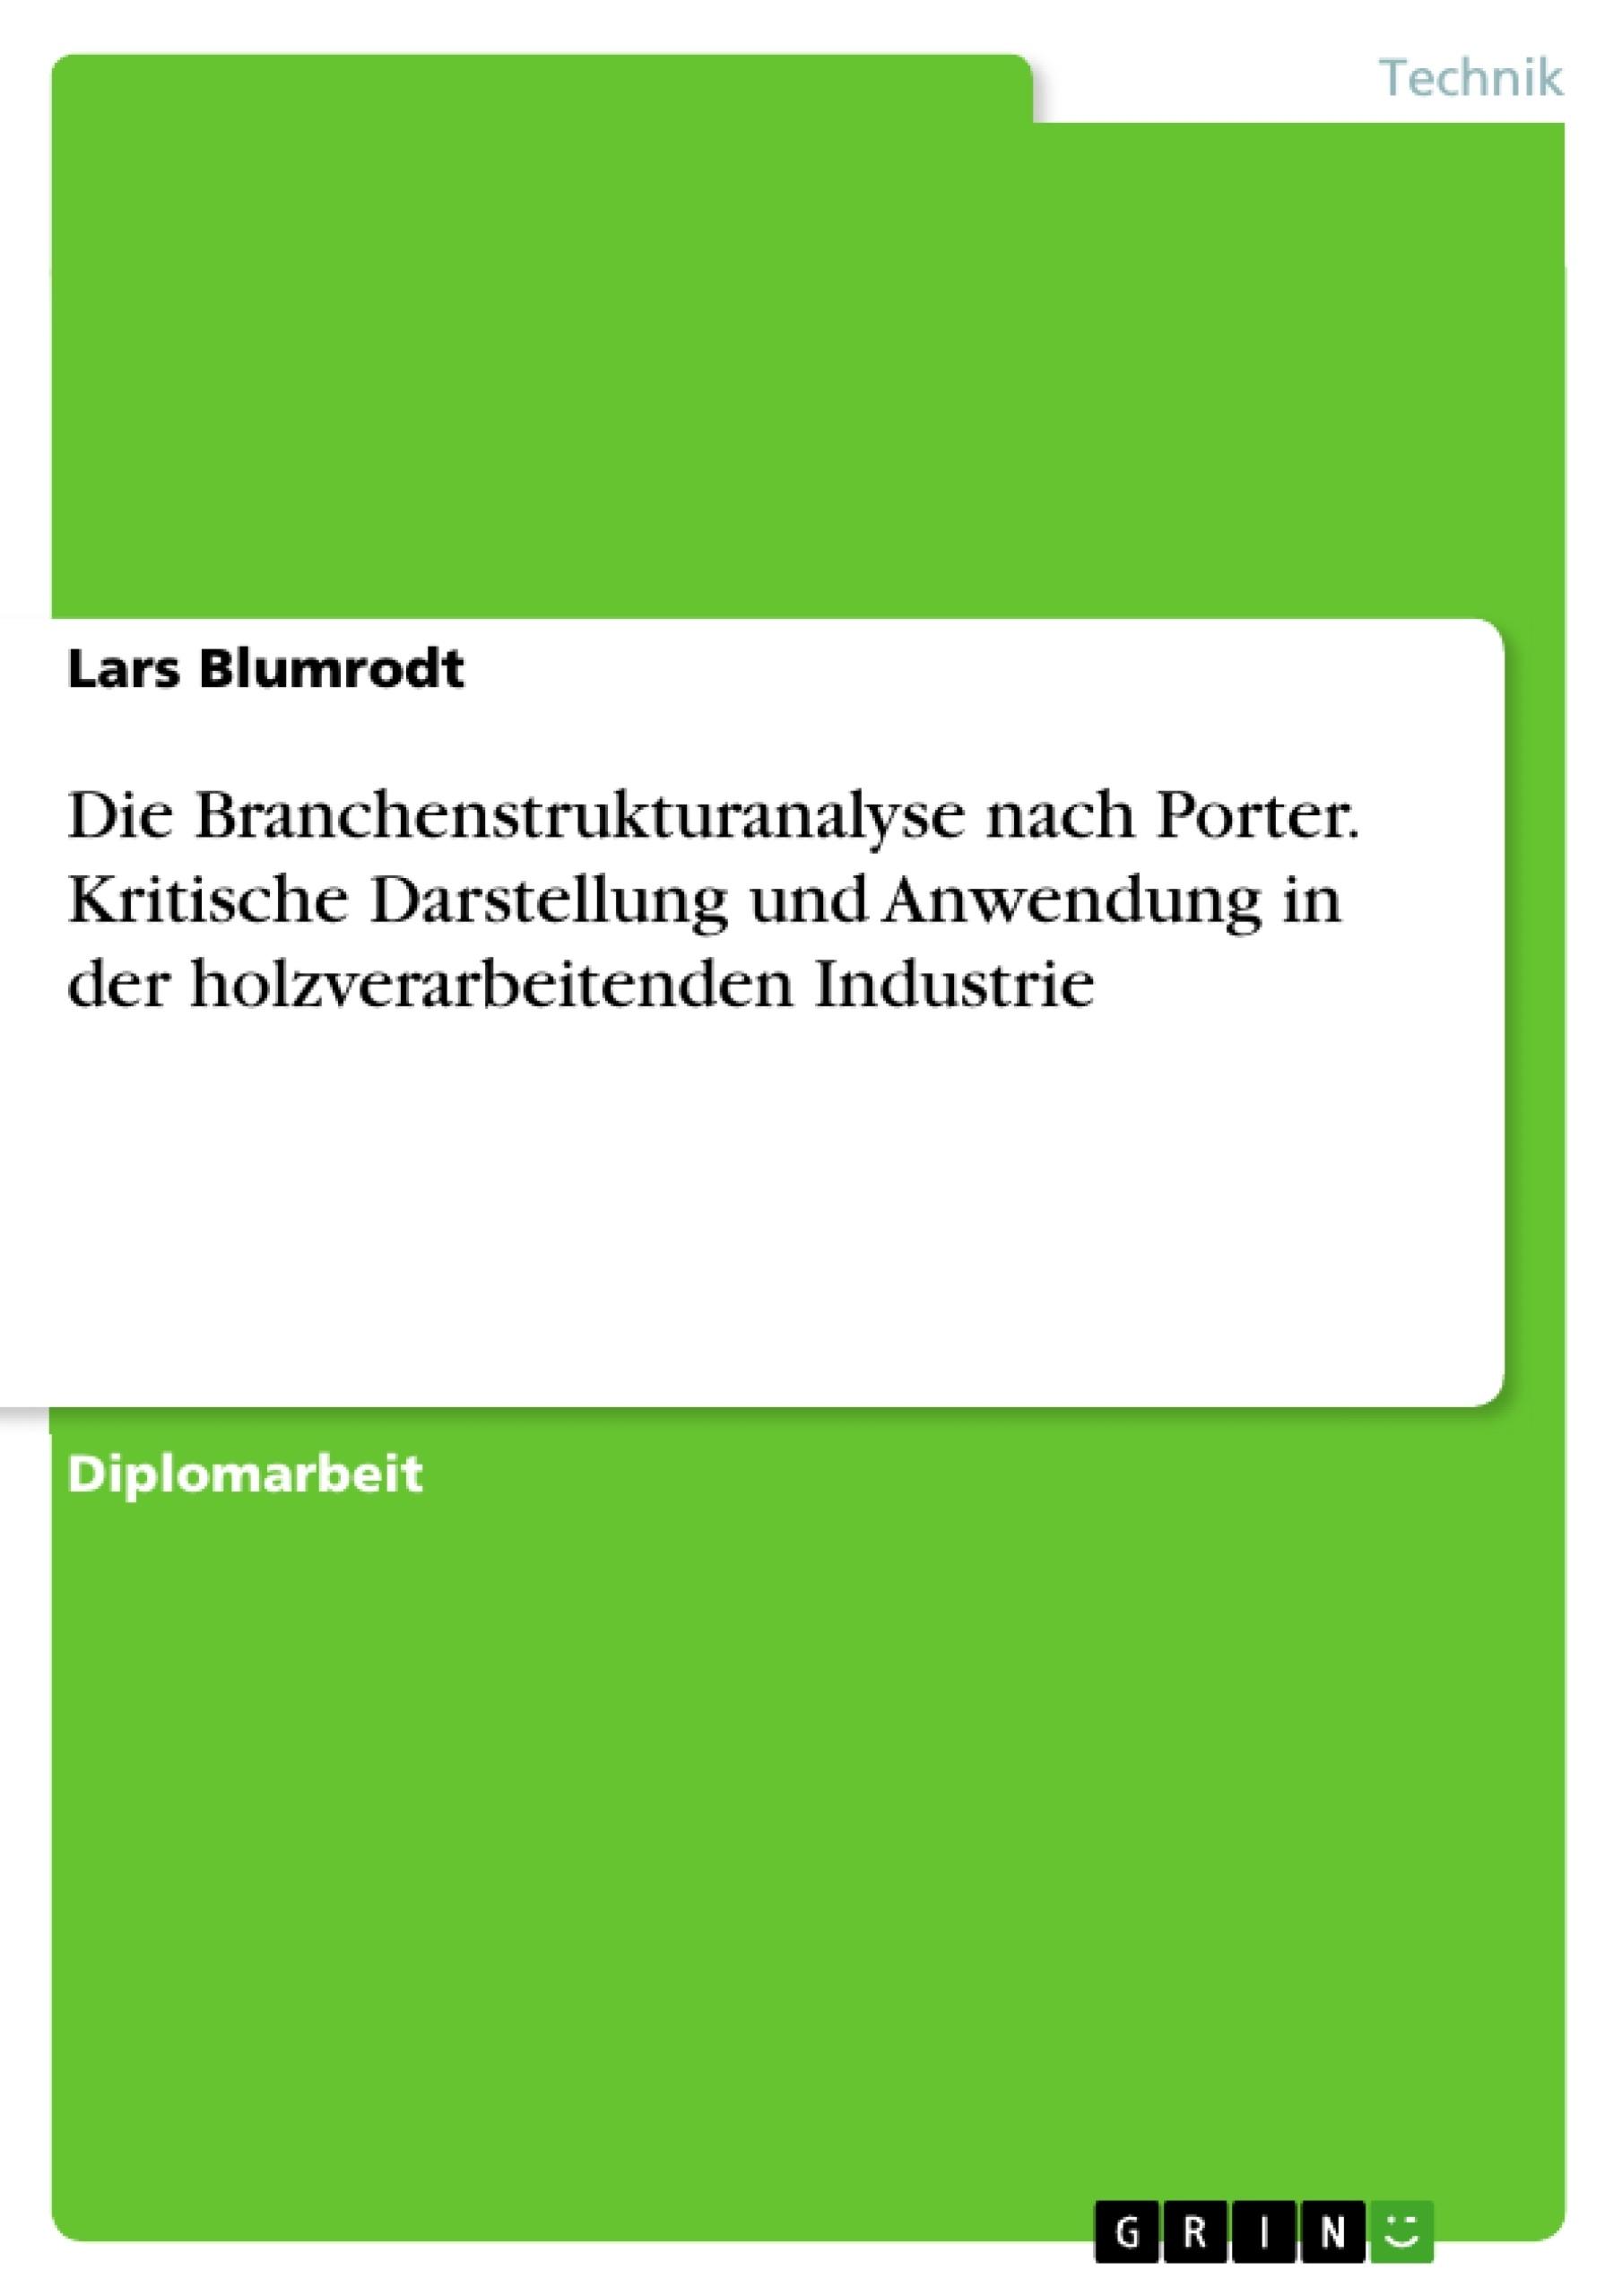 Titel: Die Branchenstrukturanalyse nach Porter. Kritische Darstellung und Anwendung in der holzverarbeitenden Industrie